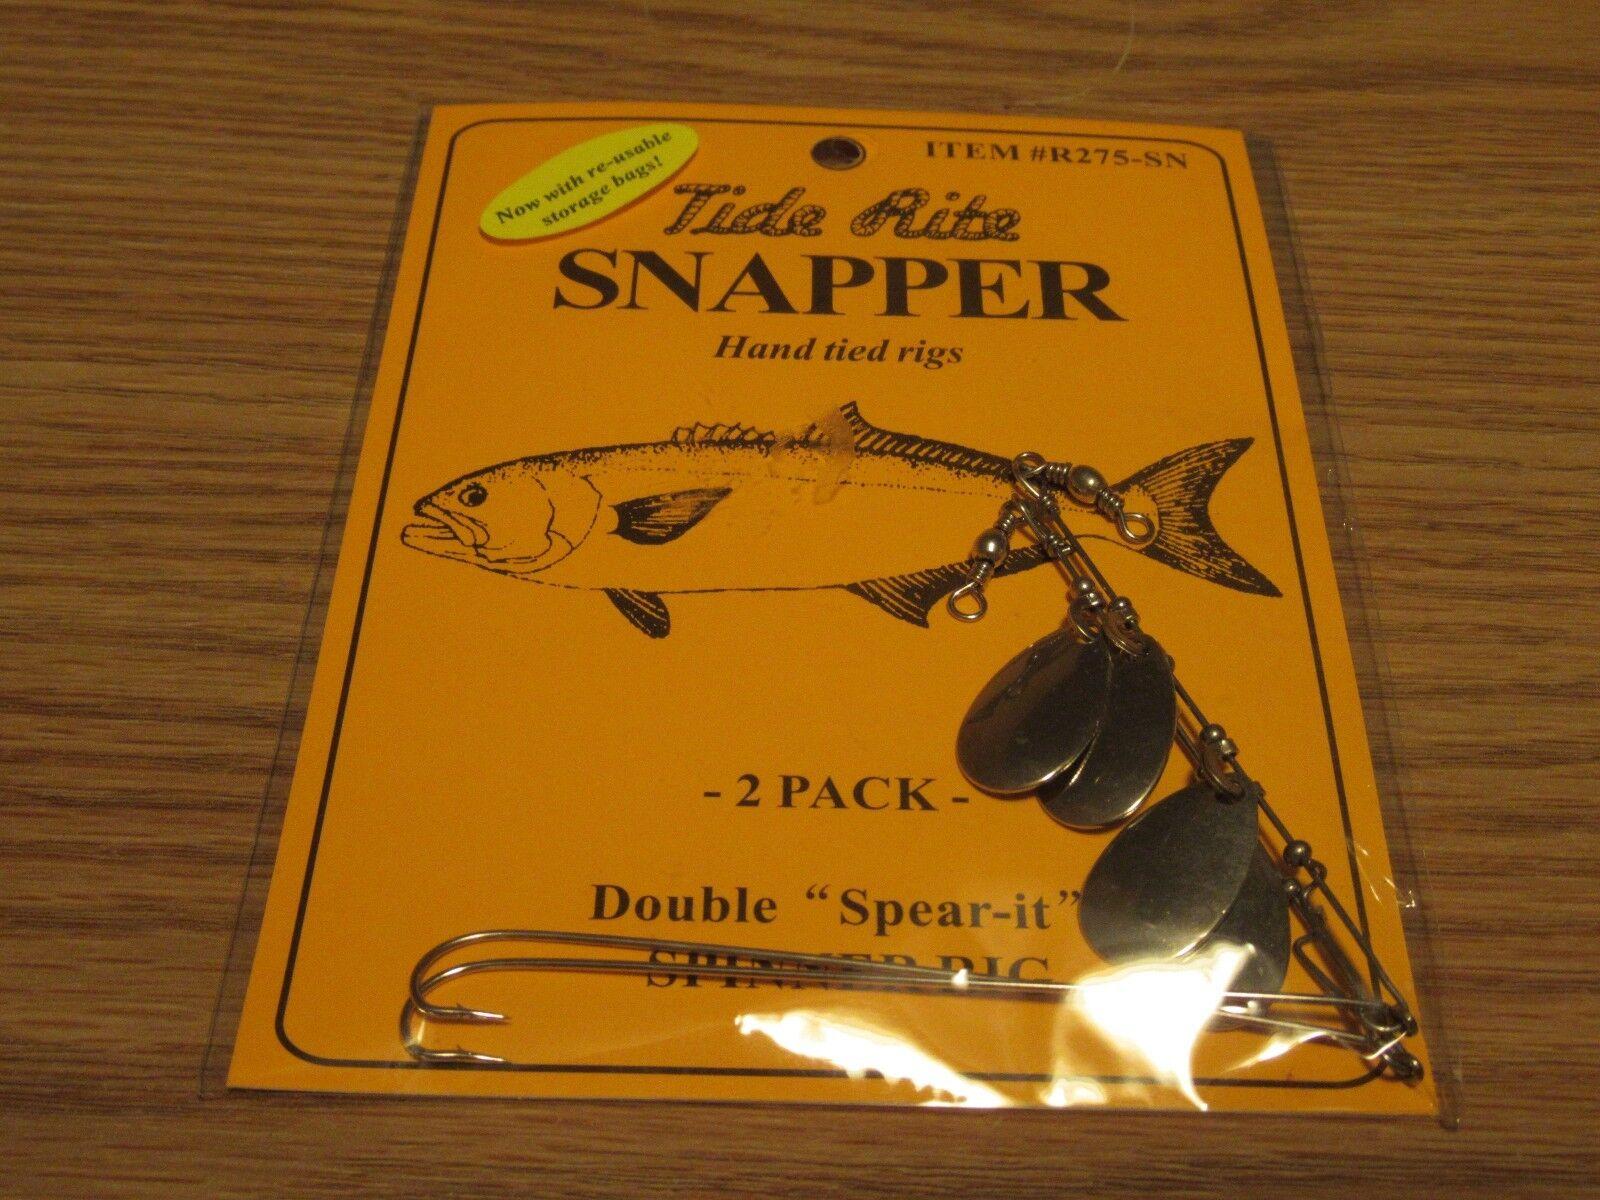 24 TIDE RITE SNAPPER blueE POPPER STOPPER  R275SN  SPINNER RIG 2PK FISHING RIGS  hot sale